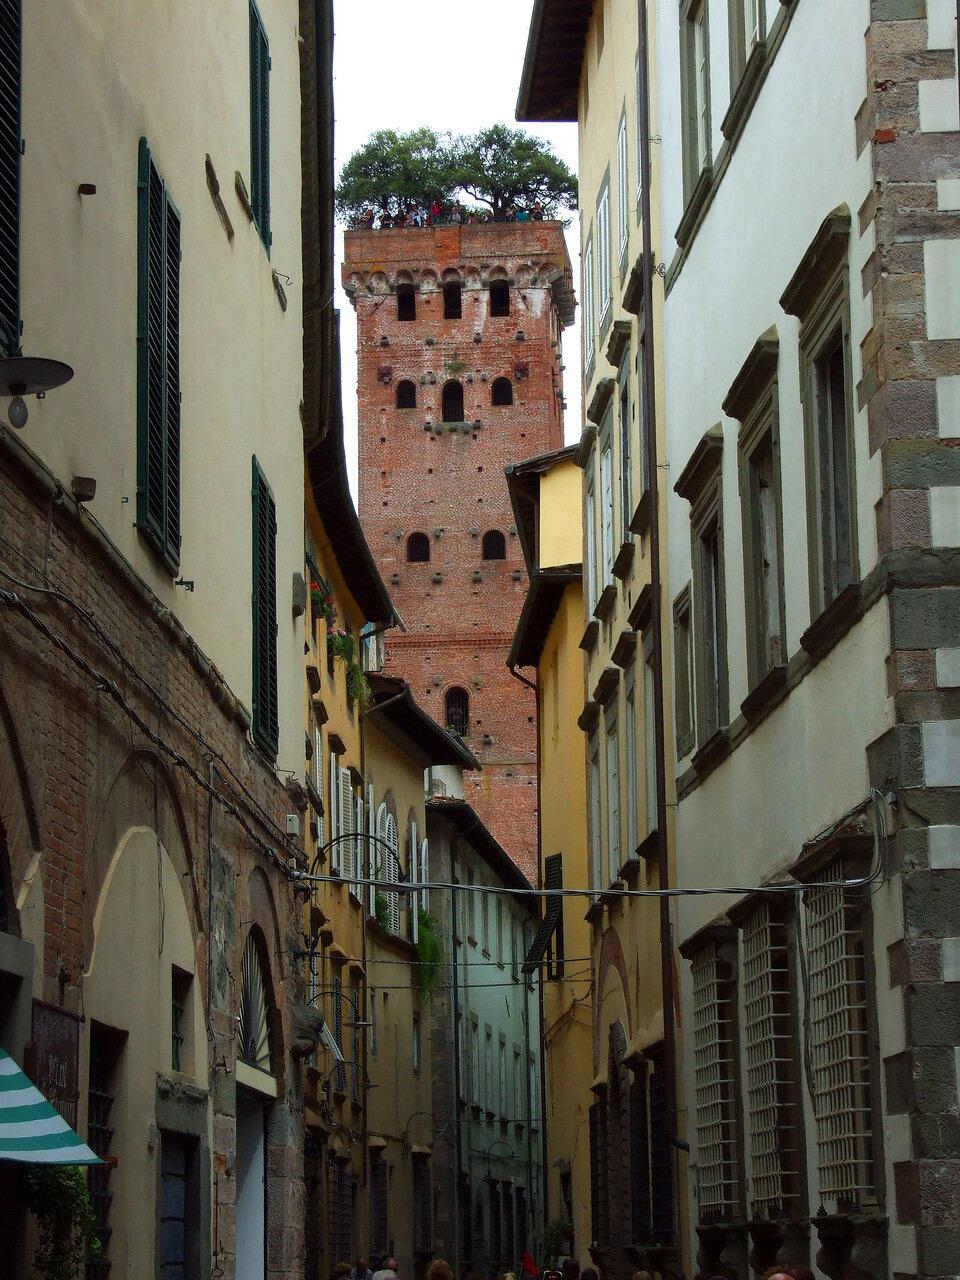 Похоже, что эту башню со смотровой площадкой наверху видно из всех точек города Лукка (Lucca) - как Эйфелеву в Париже)